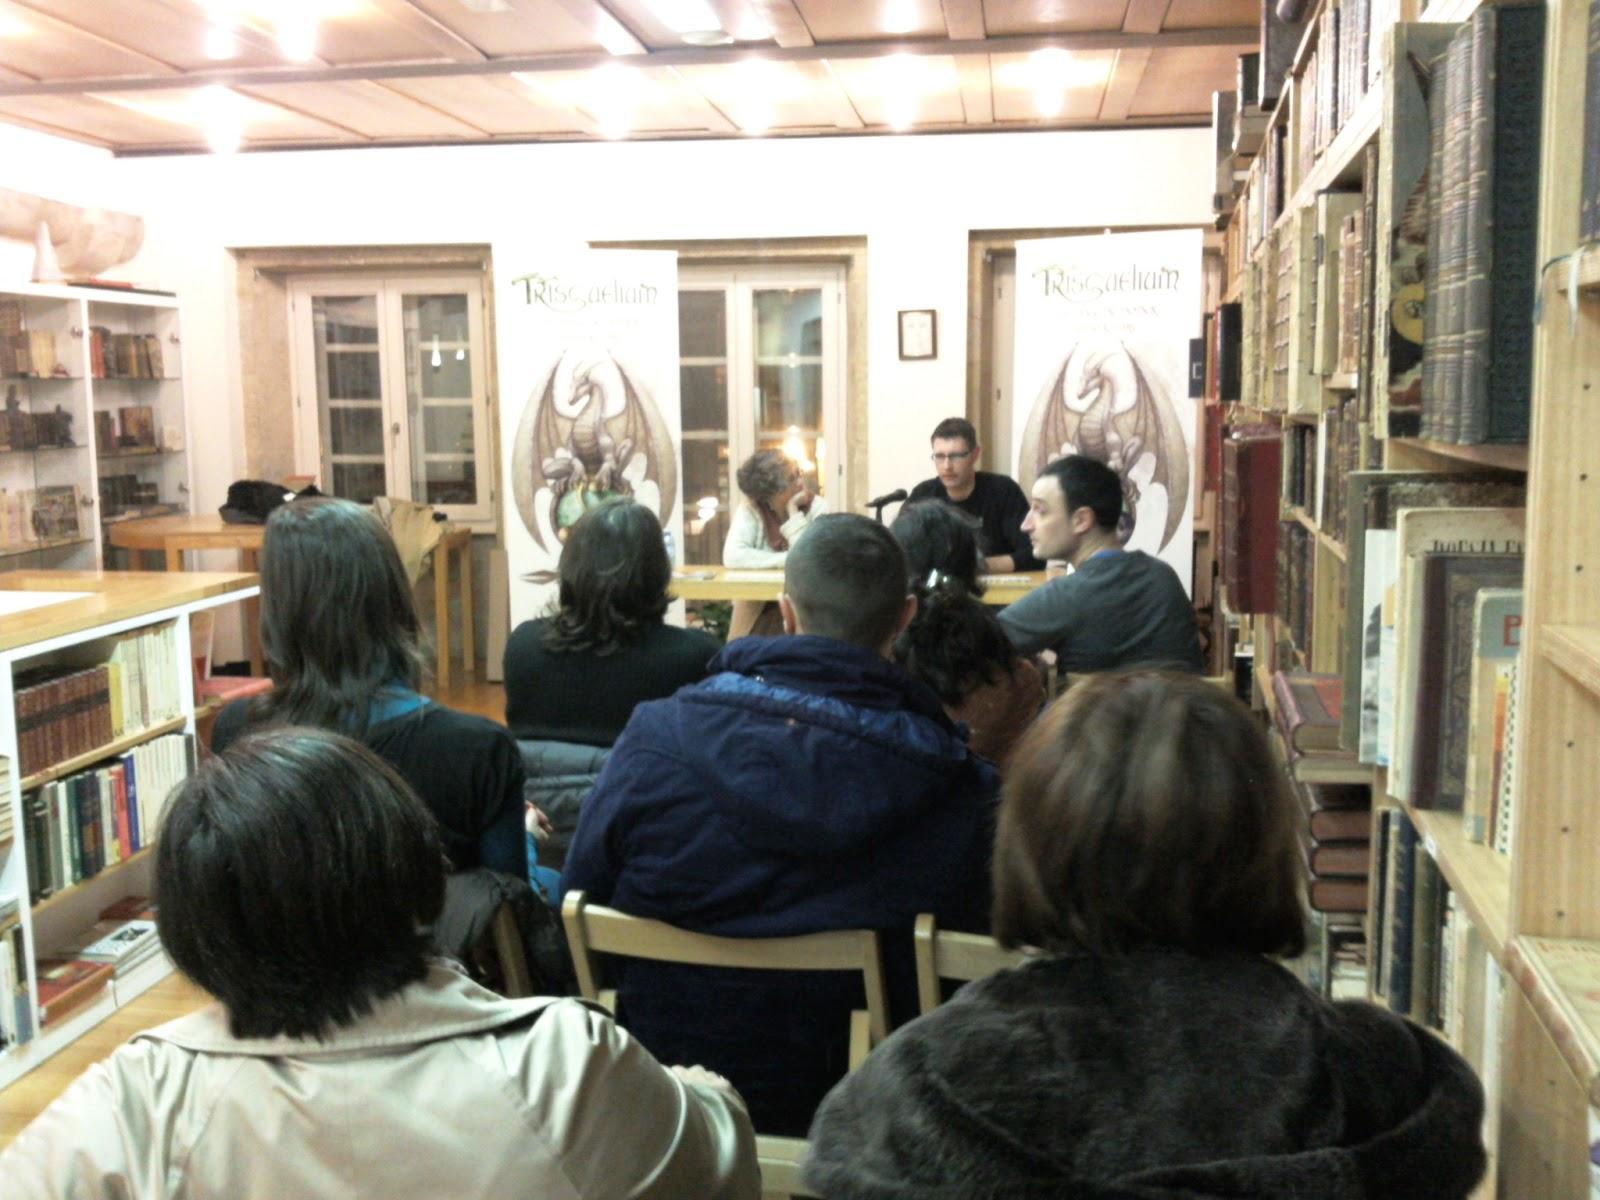 Trisquelium presentaci n en la librer a couceiro en santiago de compostela - Libreria couceiro santiago ...